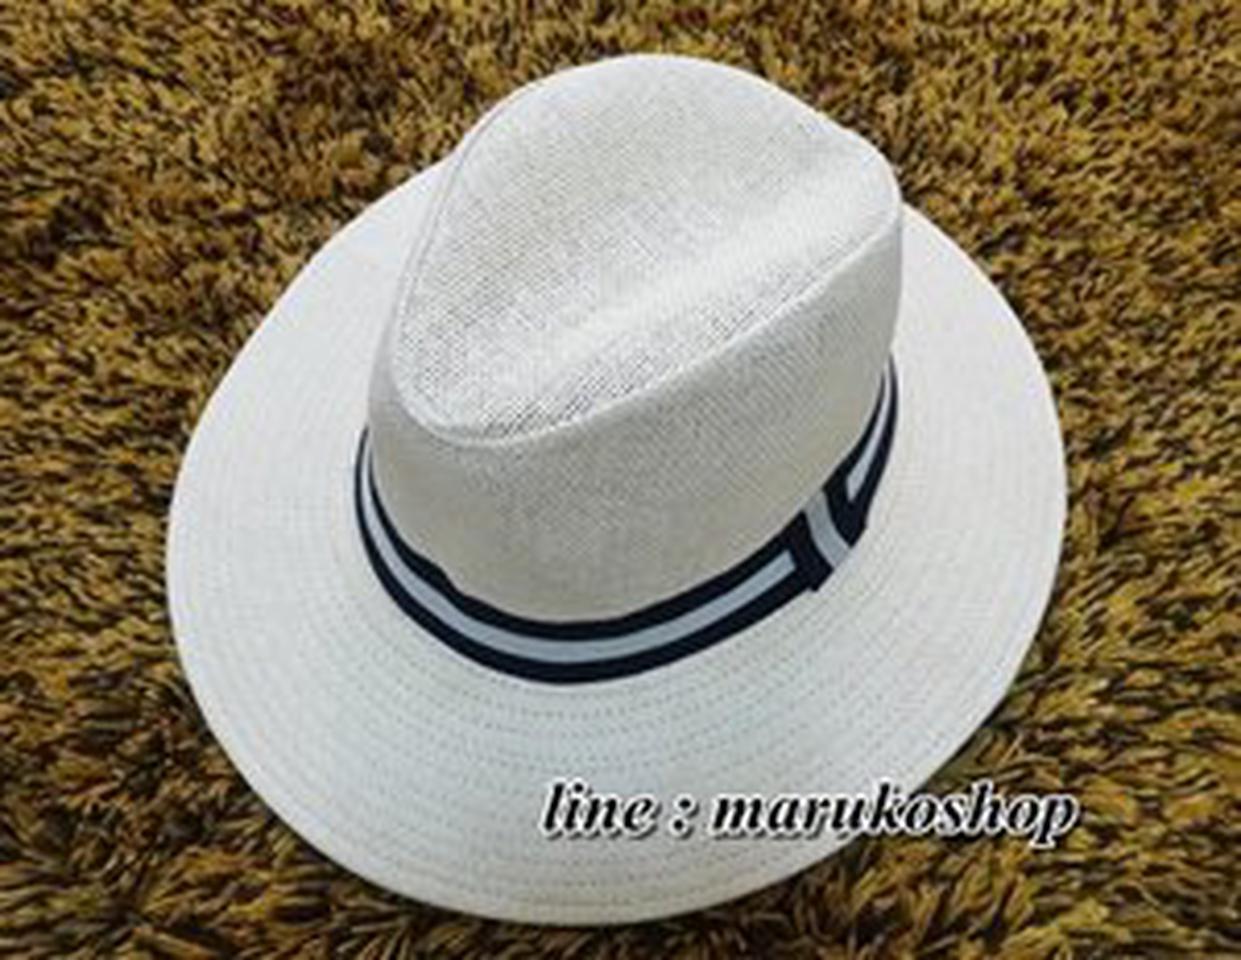 หมวกแฟชั่น หมวกไปทะเล หมวกปานามา สวยๆราคาถูกๆ รูปที่ 5